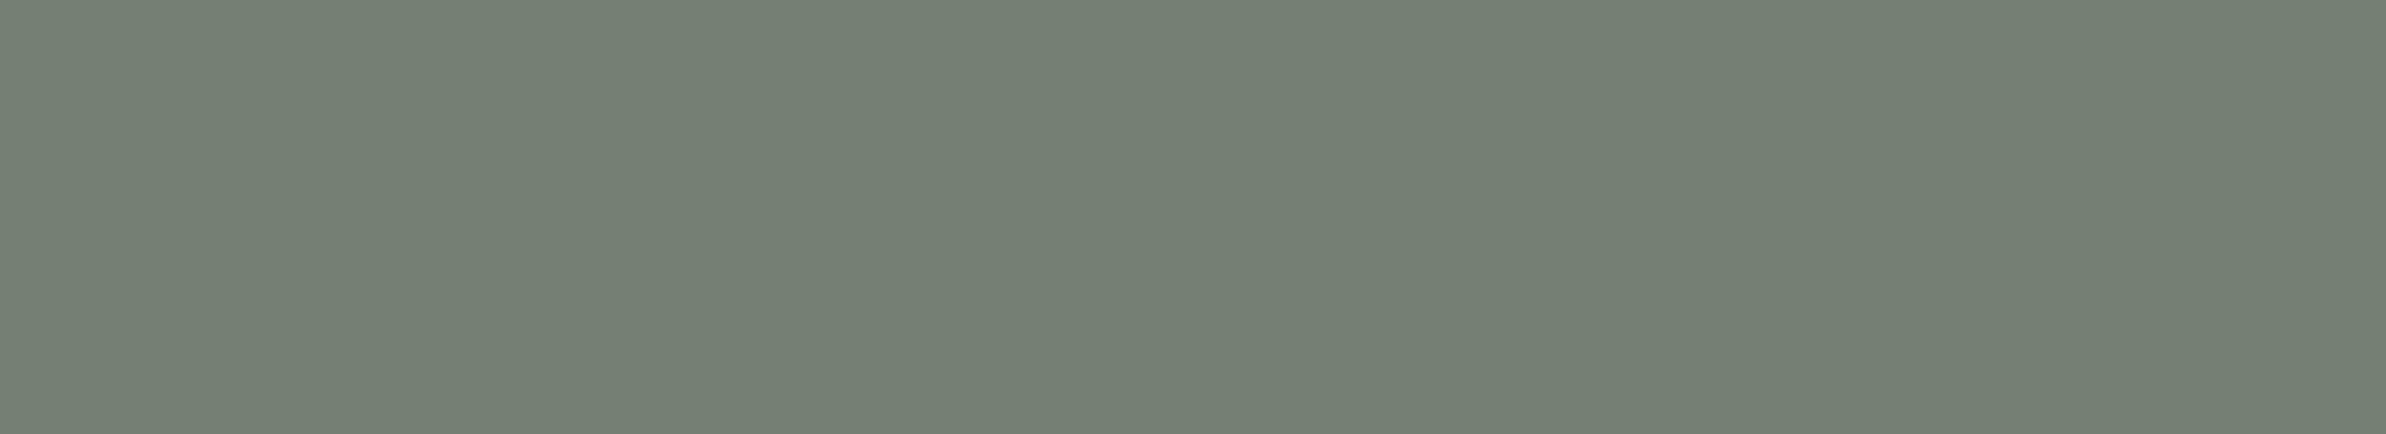 #100 @ 1% - Grey